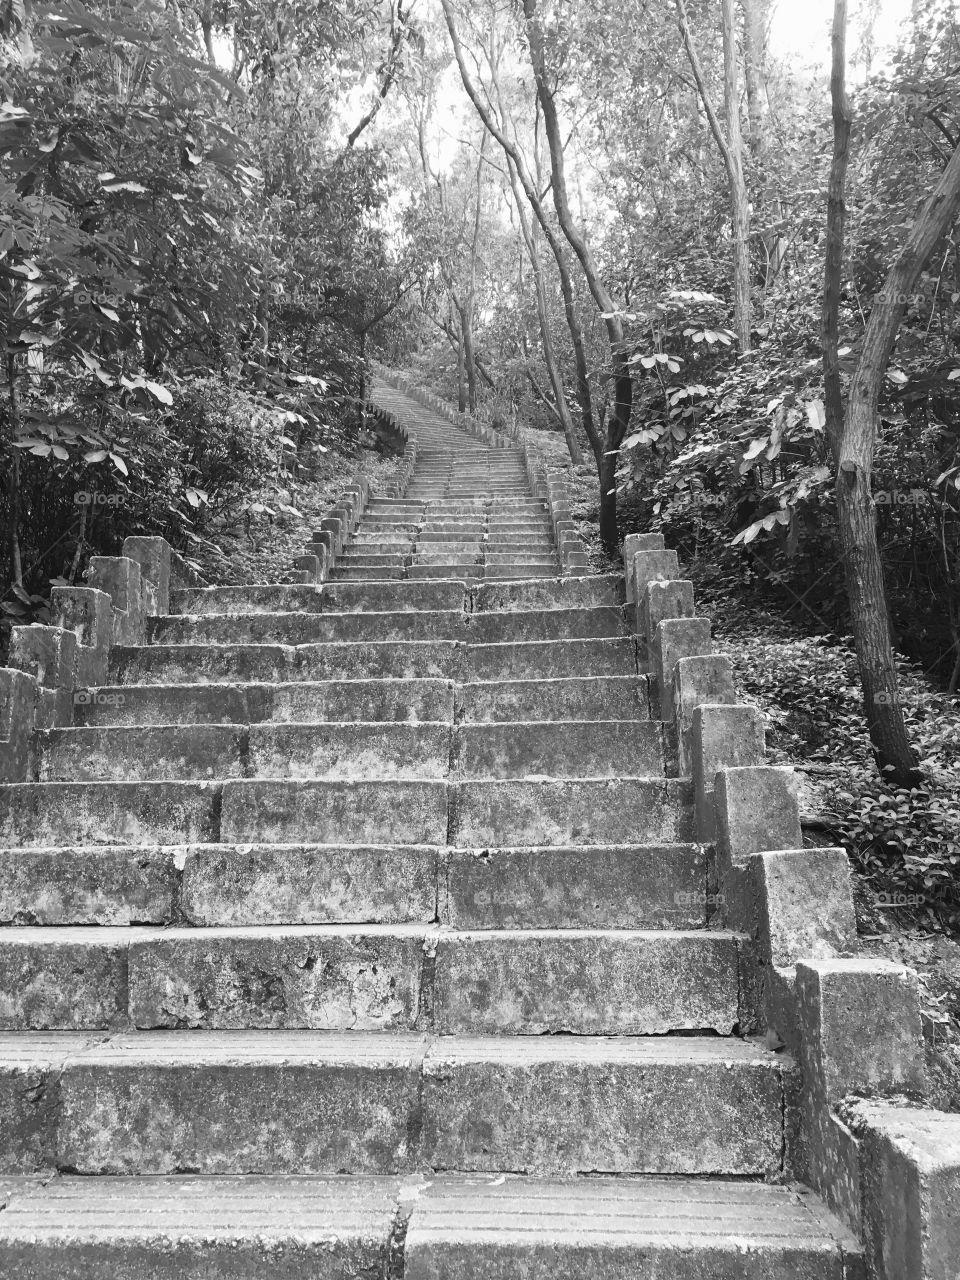 Steps at Nanshan Mountain in Shenzhen, China